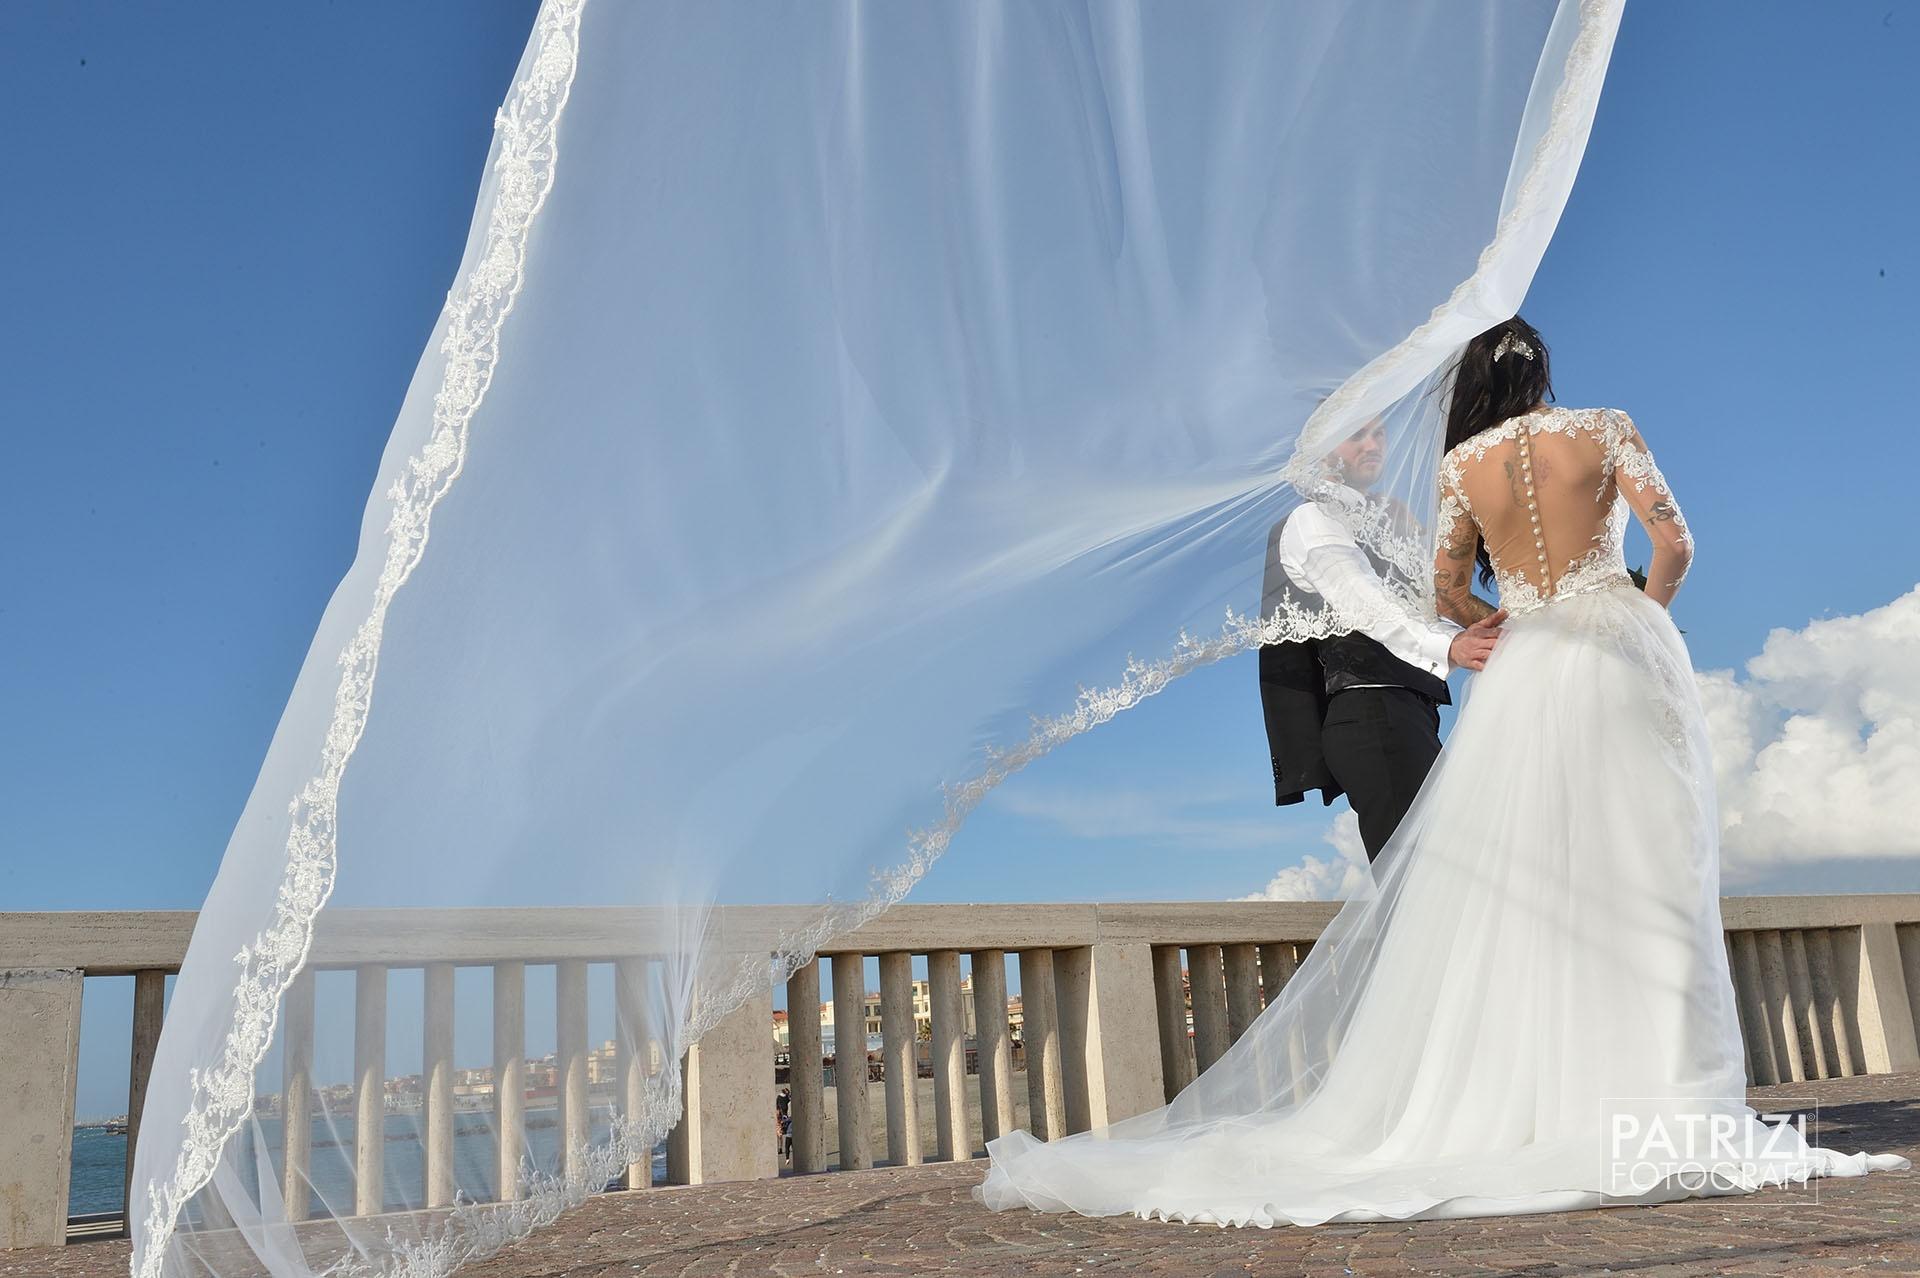 Matrimonio Diritto Romano Simone : Foto matrimoni roma servizi fotografici professionali nozze